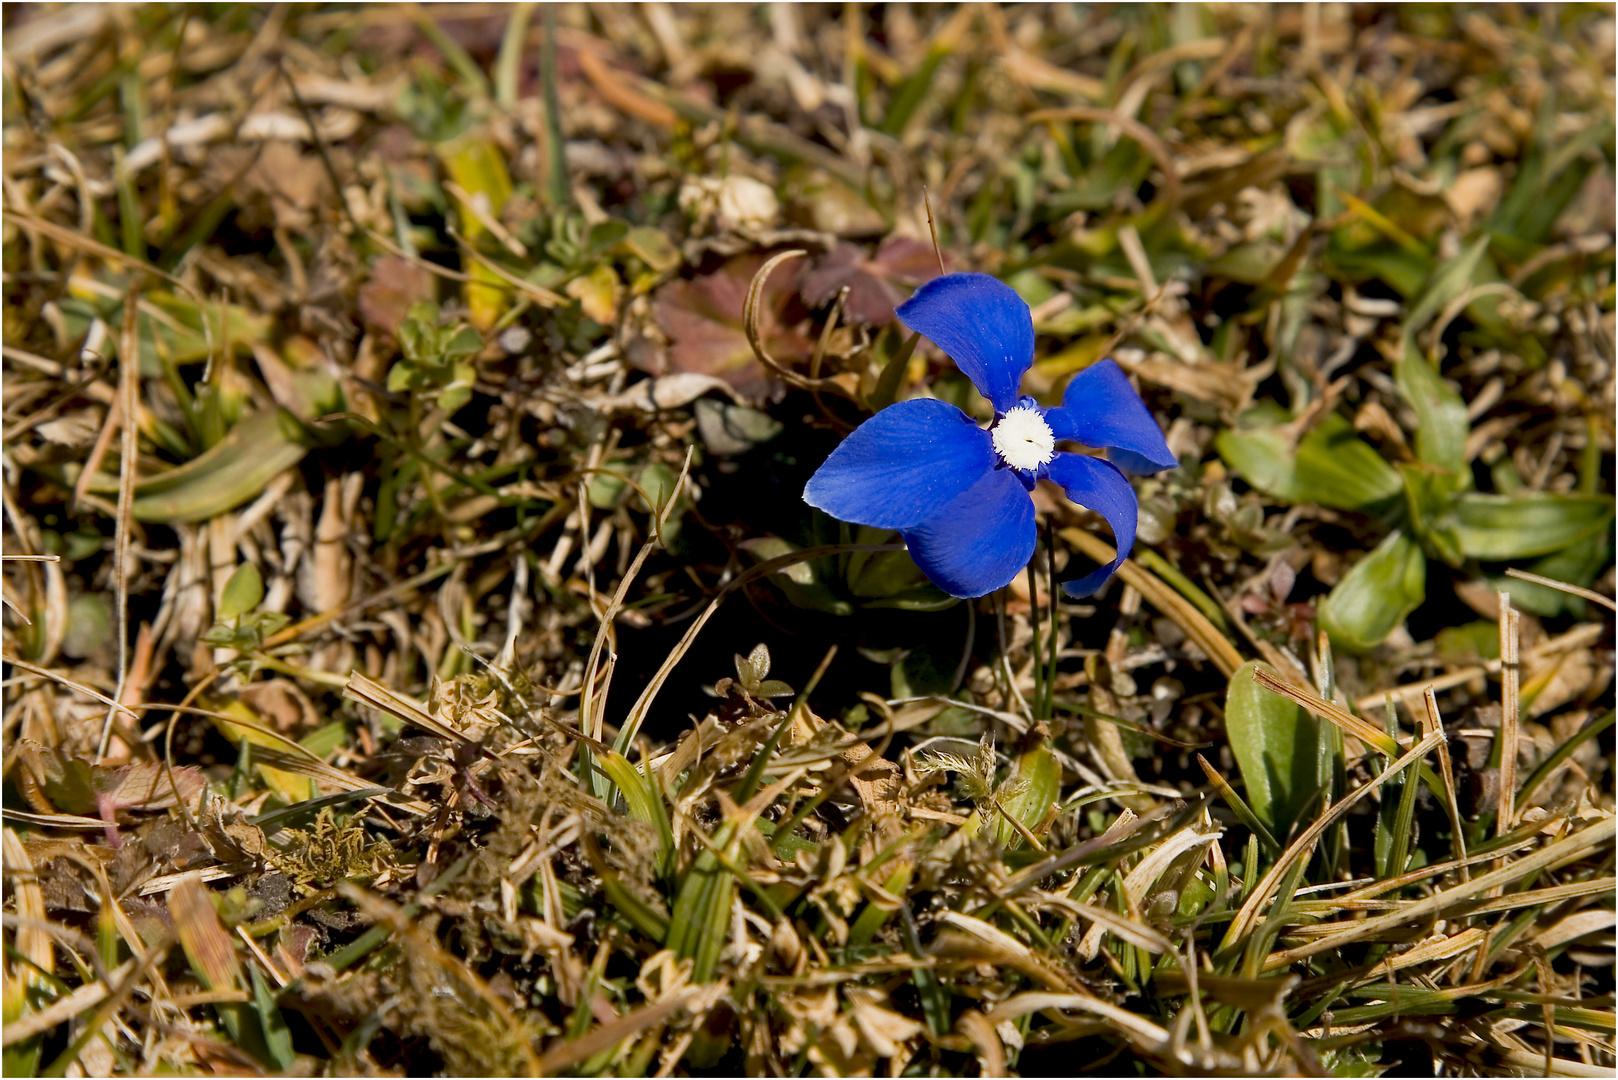 verwirrtes Schusternagele, glaubt es ist Frühjahr